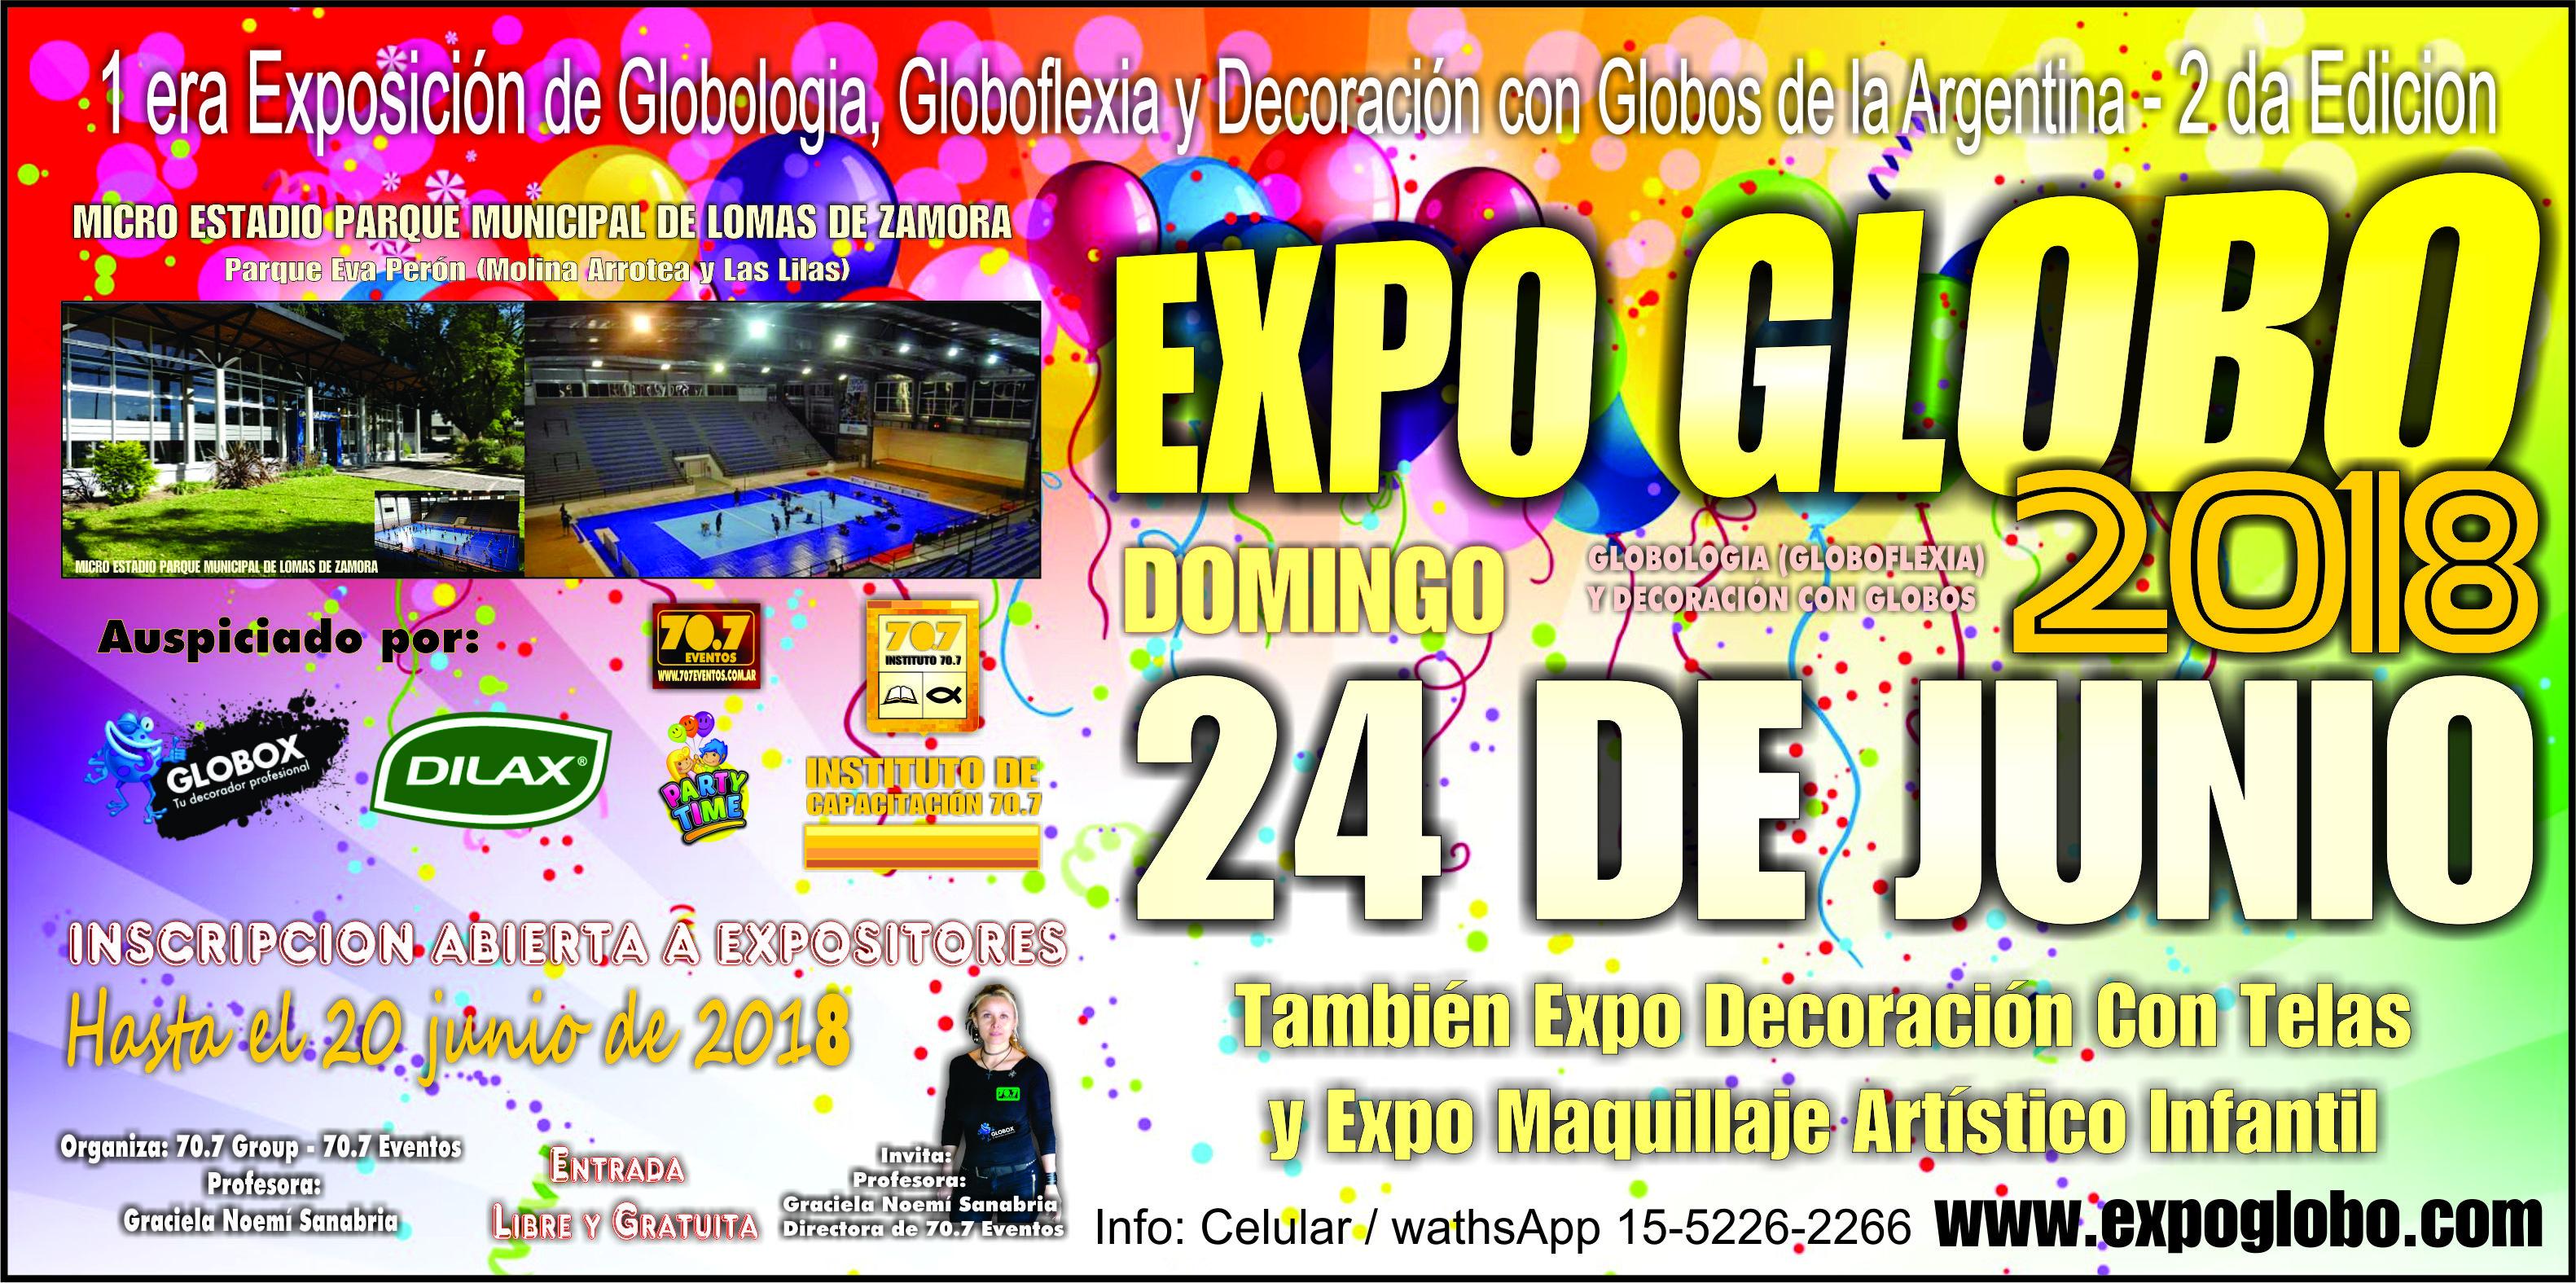 Expo Globo – 1 era Exposición de Globos de la República Argentina